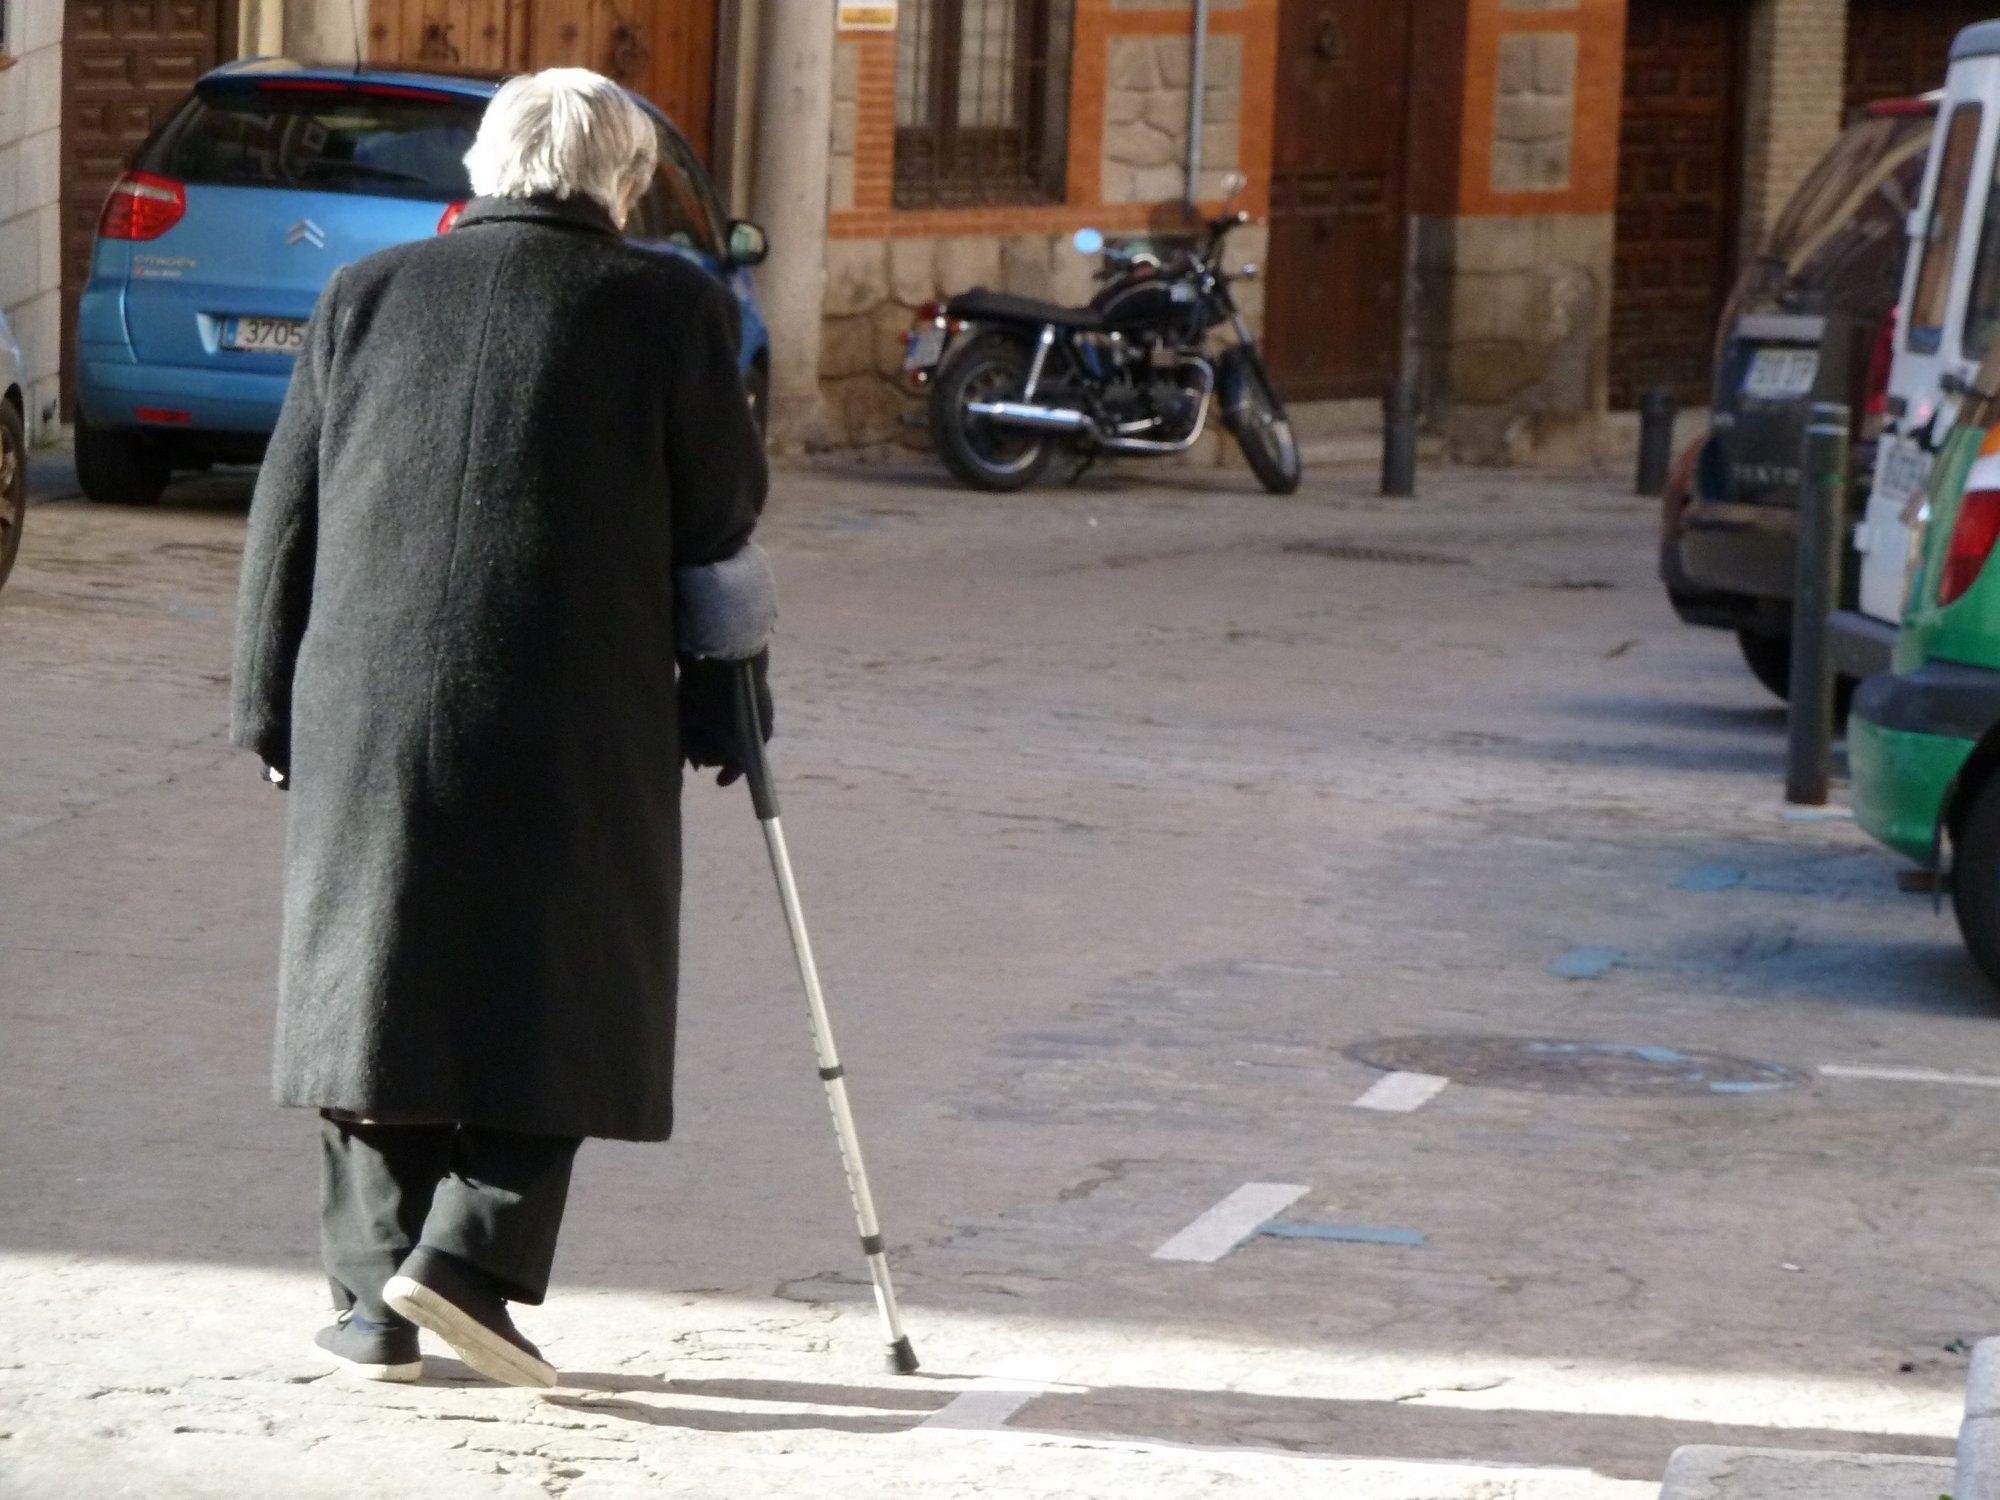 La esperanza de vida en Baleares se sitúa en 81,51 años siendo superior en las mujeres respecto a los hombres